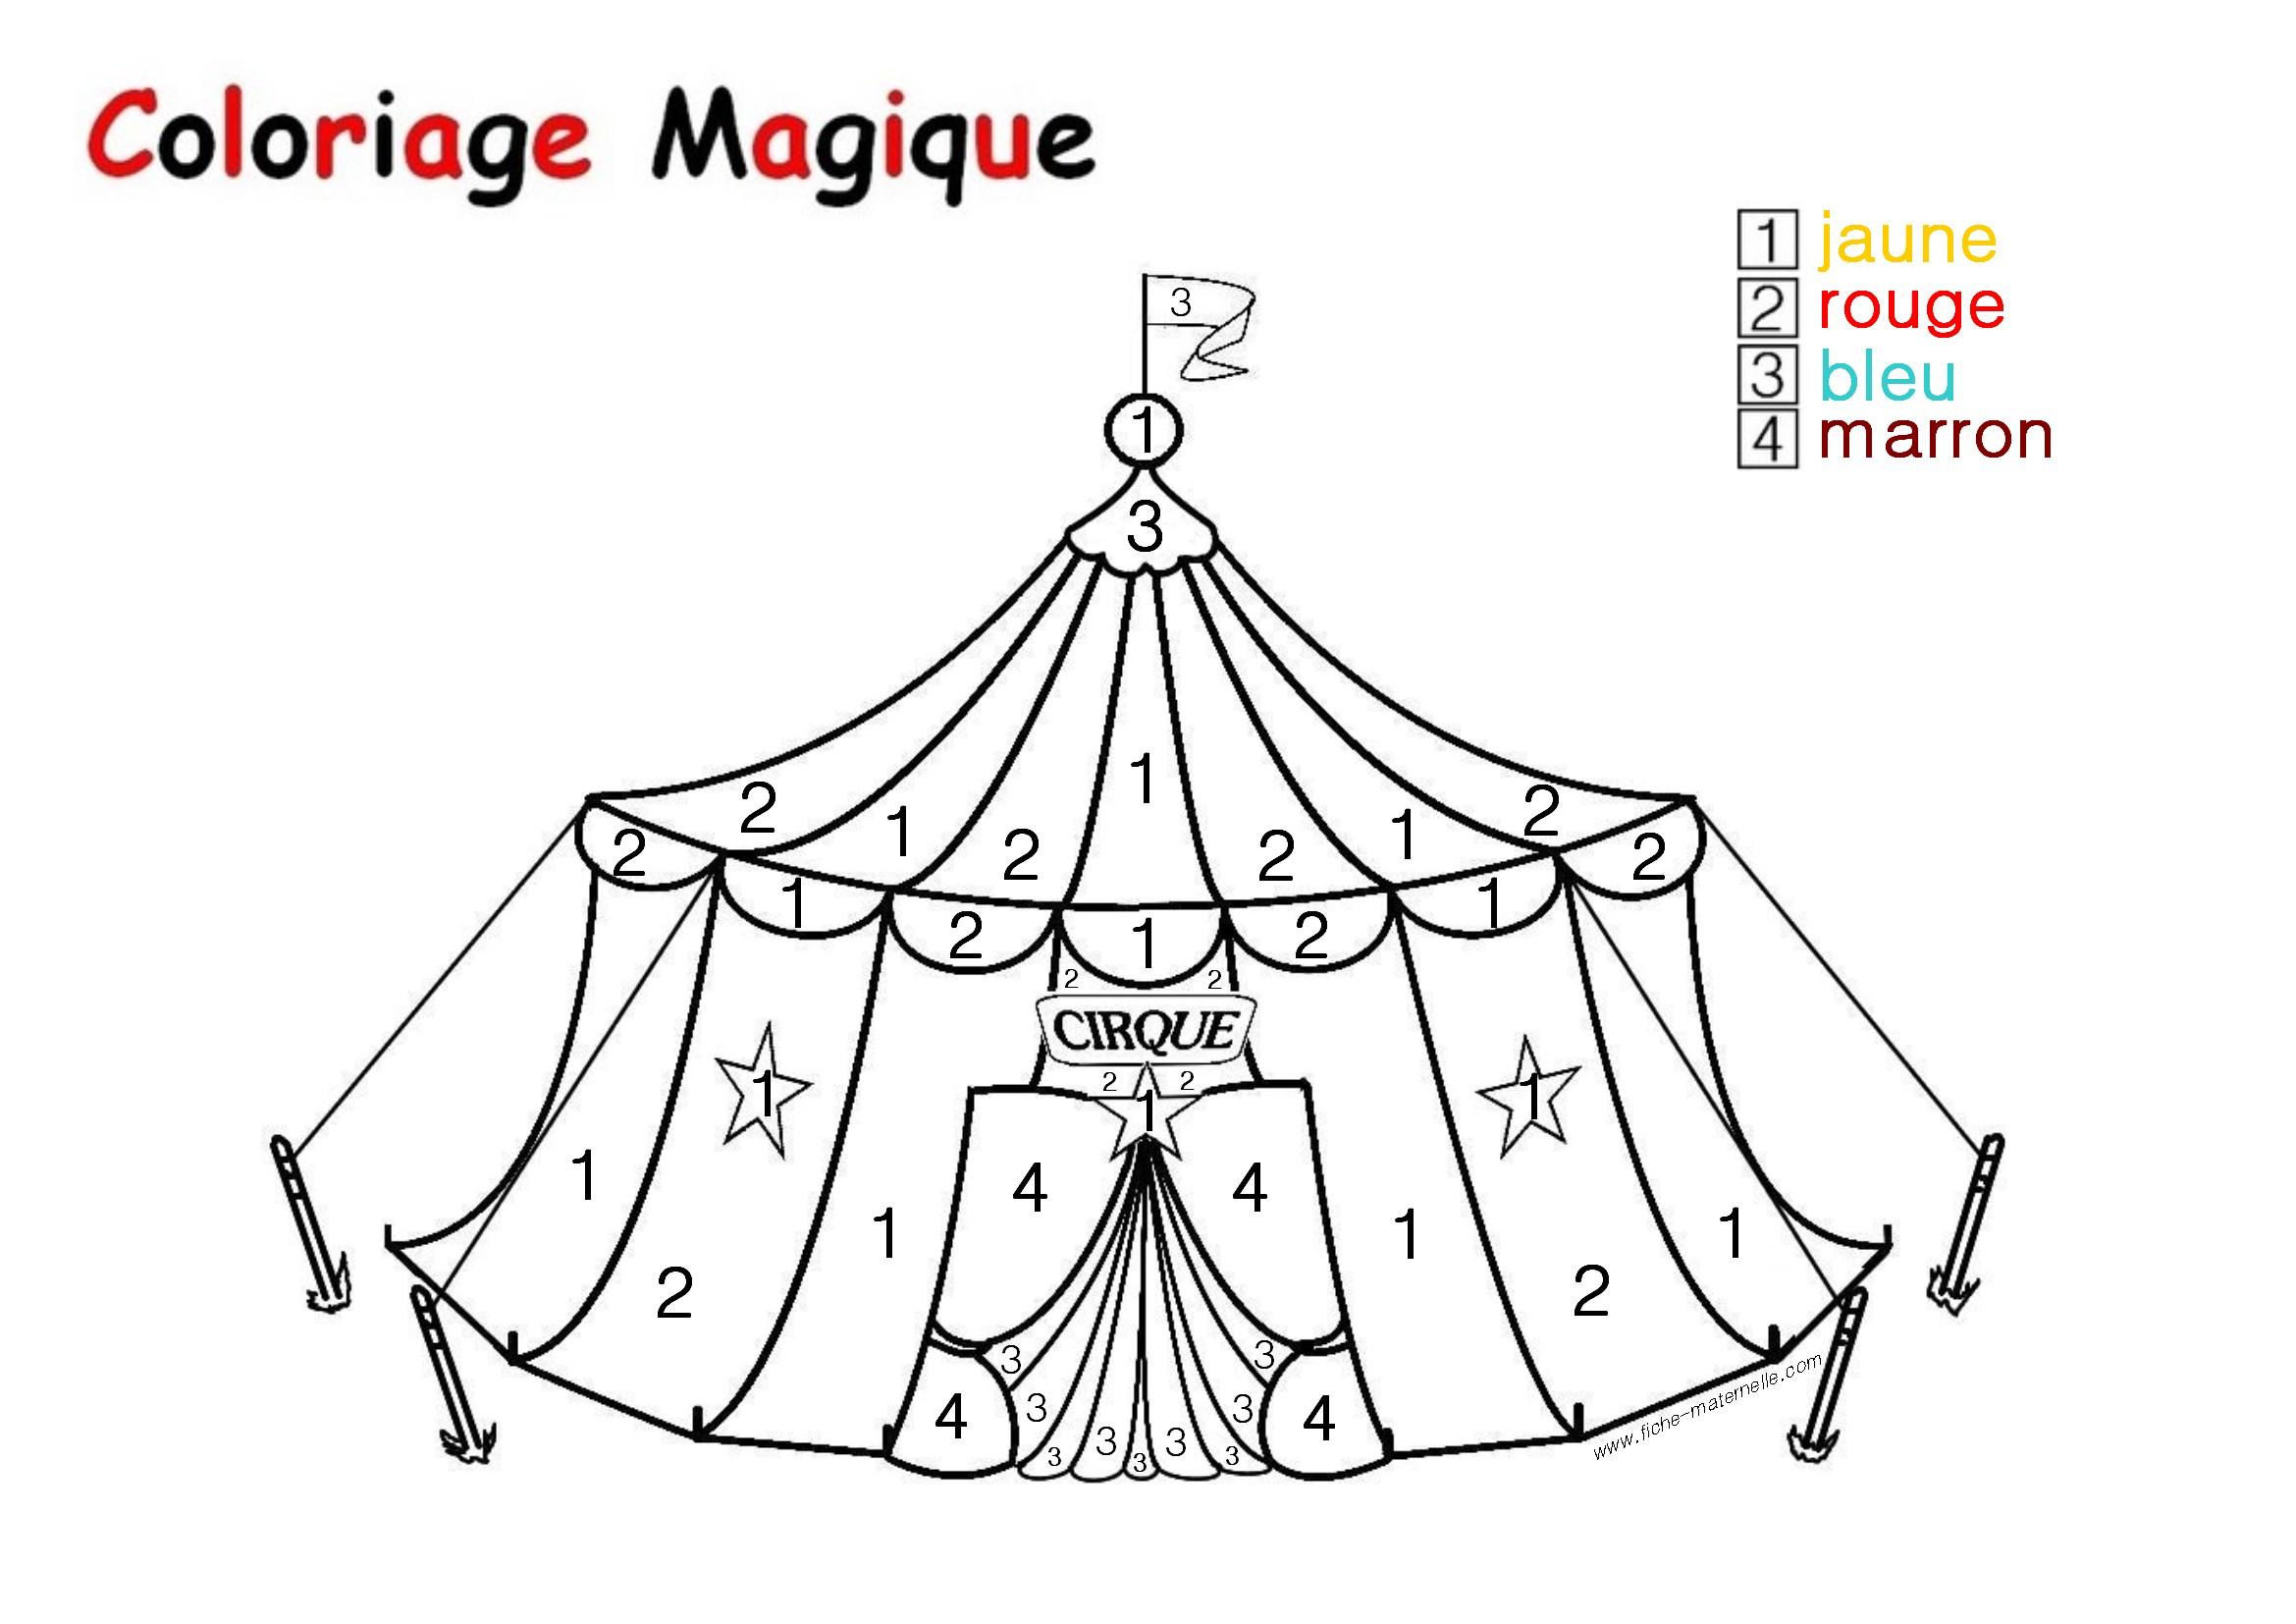 Coloriage Code Hiver Maternelle.Coloriage Magique Pour Les Plus Petits Un Chapiteau